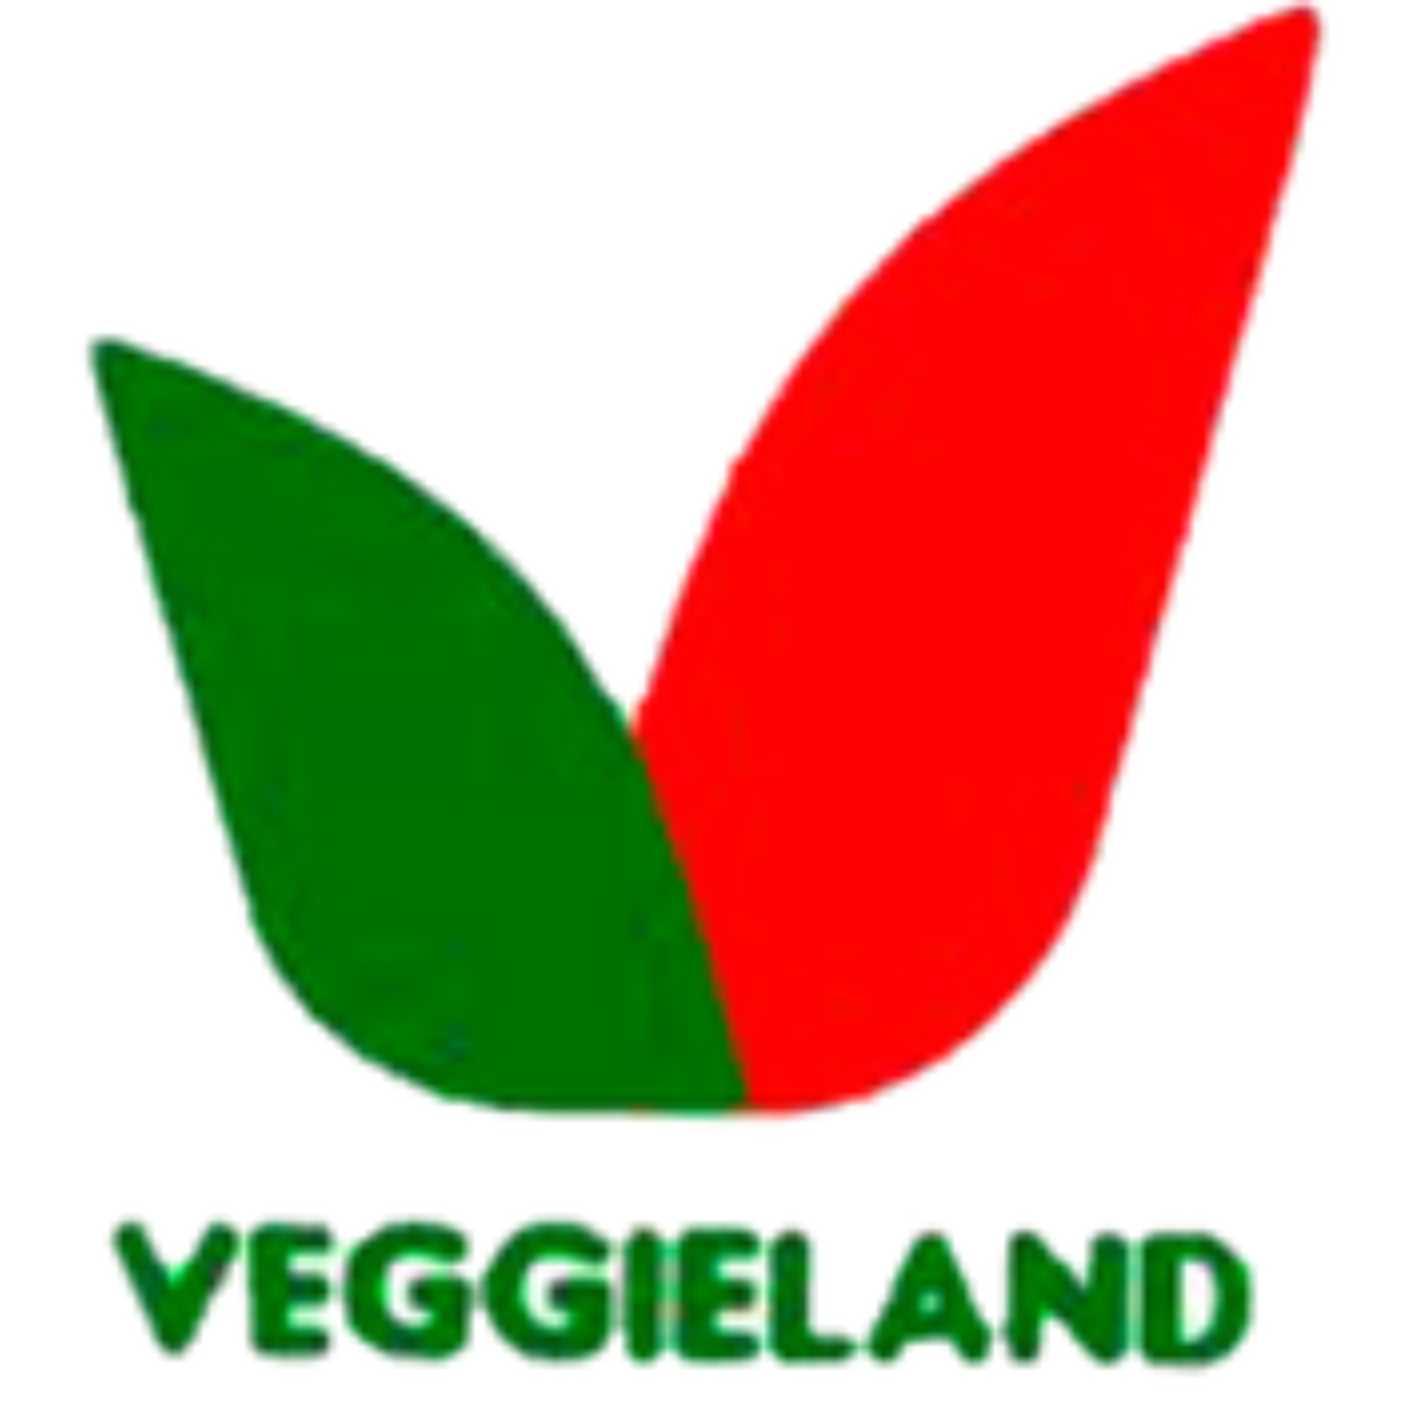 15- veggieland